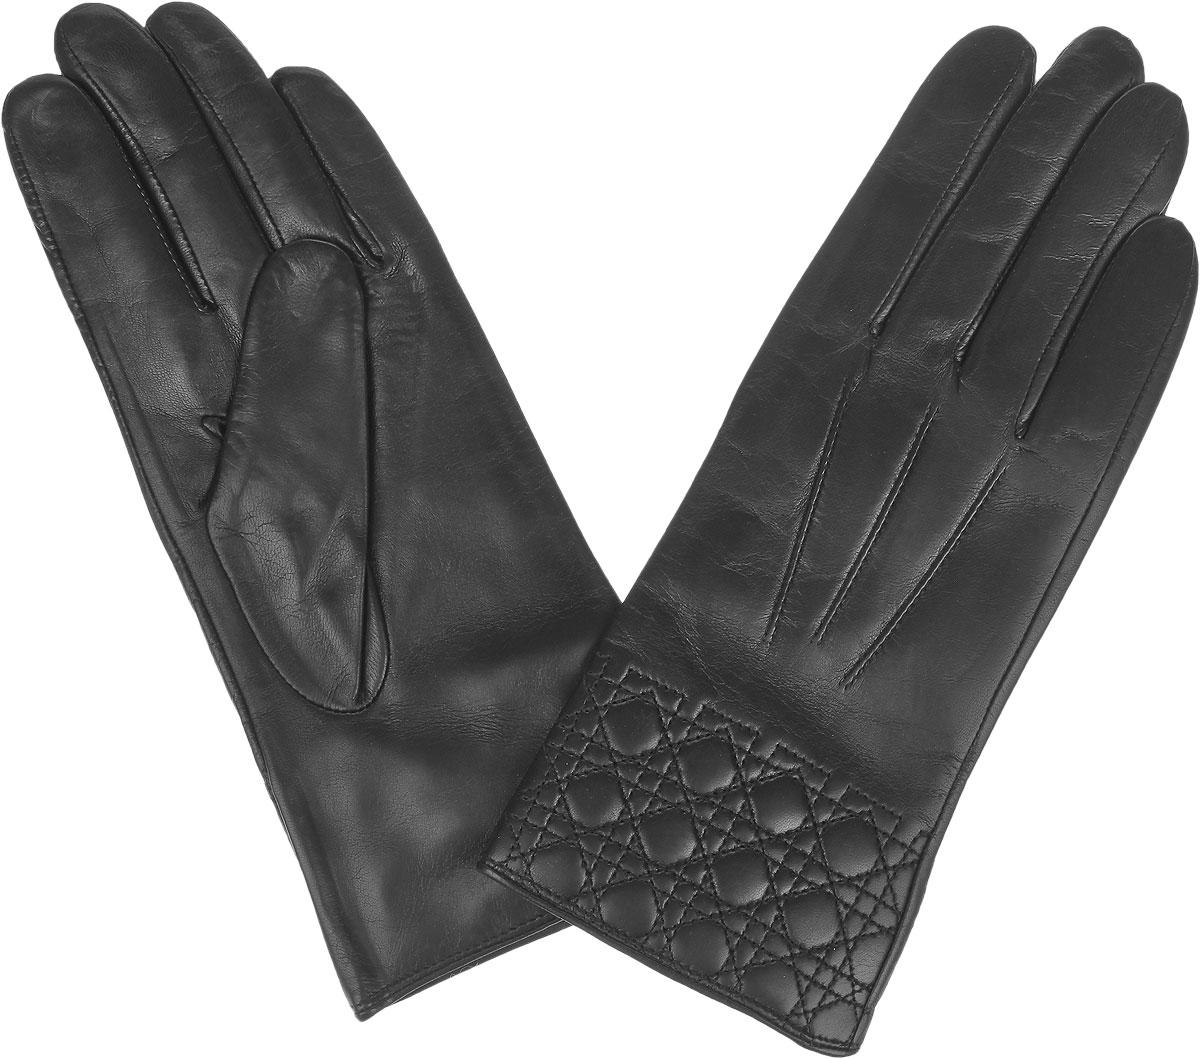 Перчатки9.72-1_blackЖенские перчатки Fabretti не только защитят ваши руки от холода, но и станут стильным дополнением вашего образа. Перчатки выполнены из натуральной кожи на подкладке из шерсти с добавлением кашемира. Лицевую сторону изделия украшает декоративная отсрочка. Перчатки Fabretti станут завершающим и подчеркивающим элементом вашего стиля.